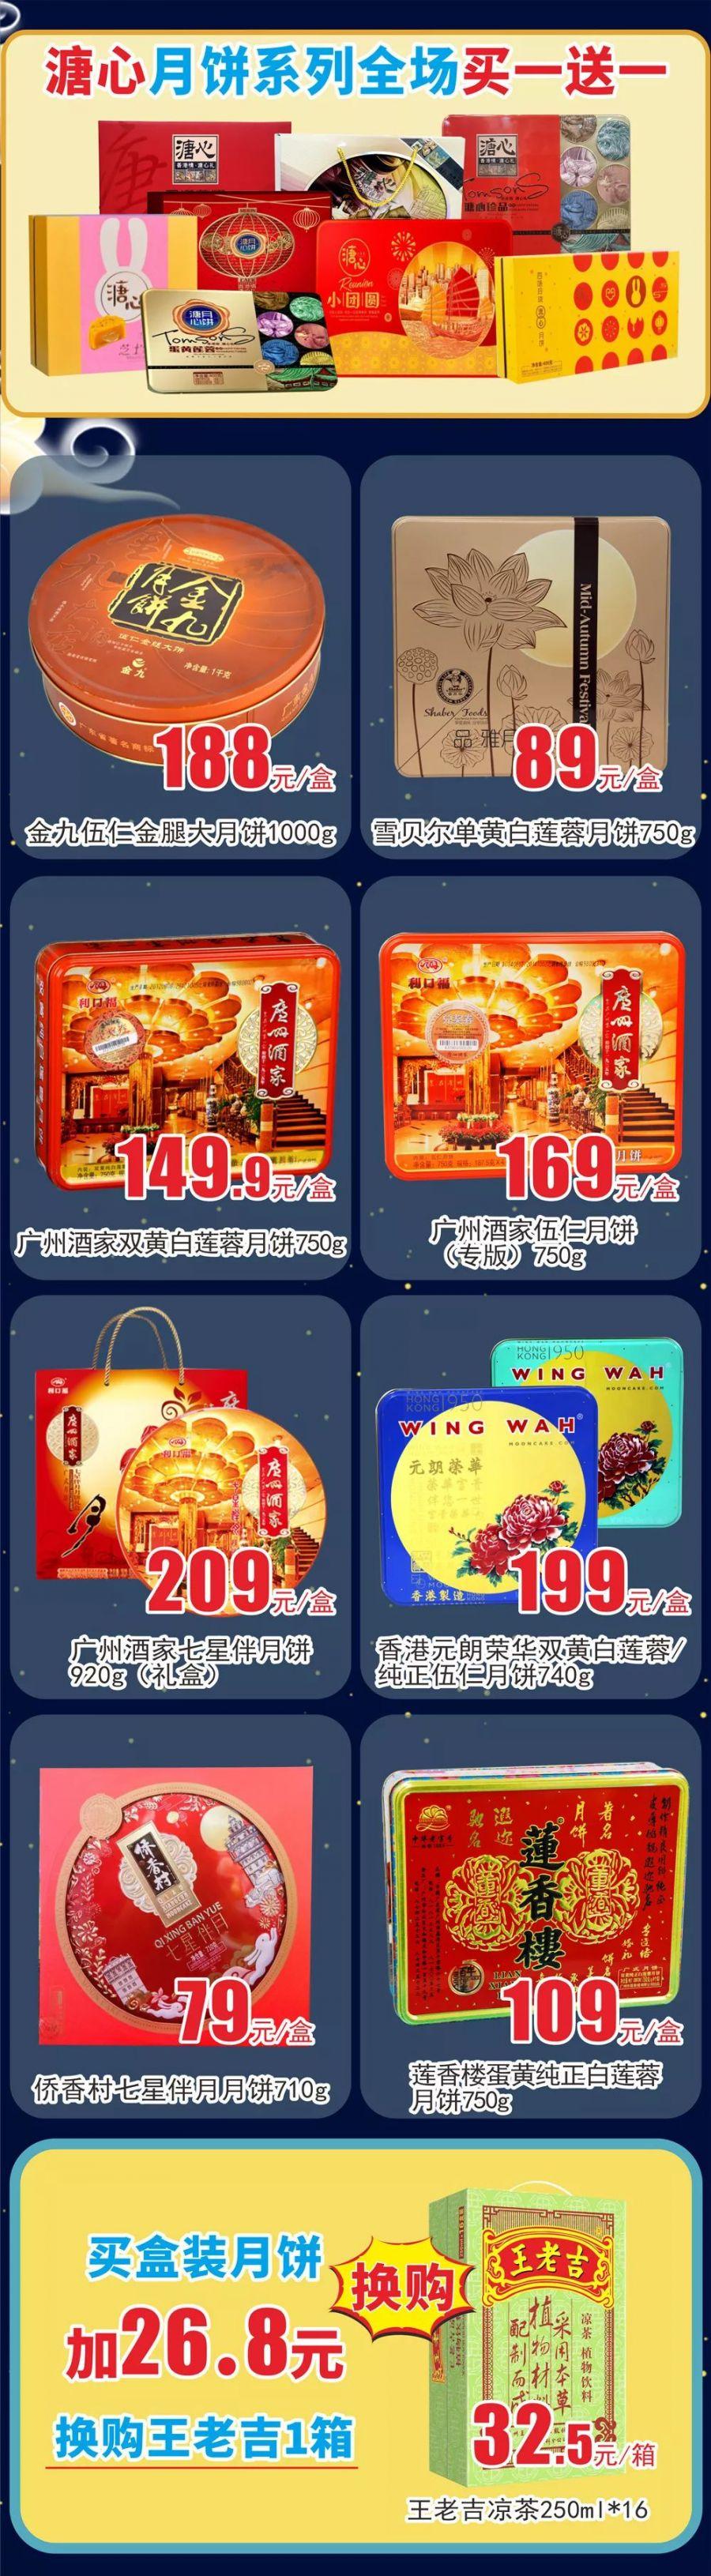 西亚兴安生活超市 | 中秋送好礼(9.5-9.12)